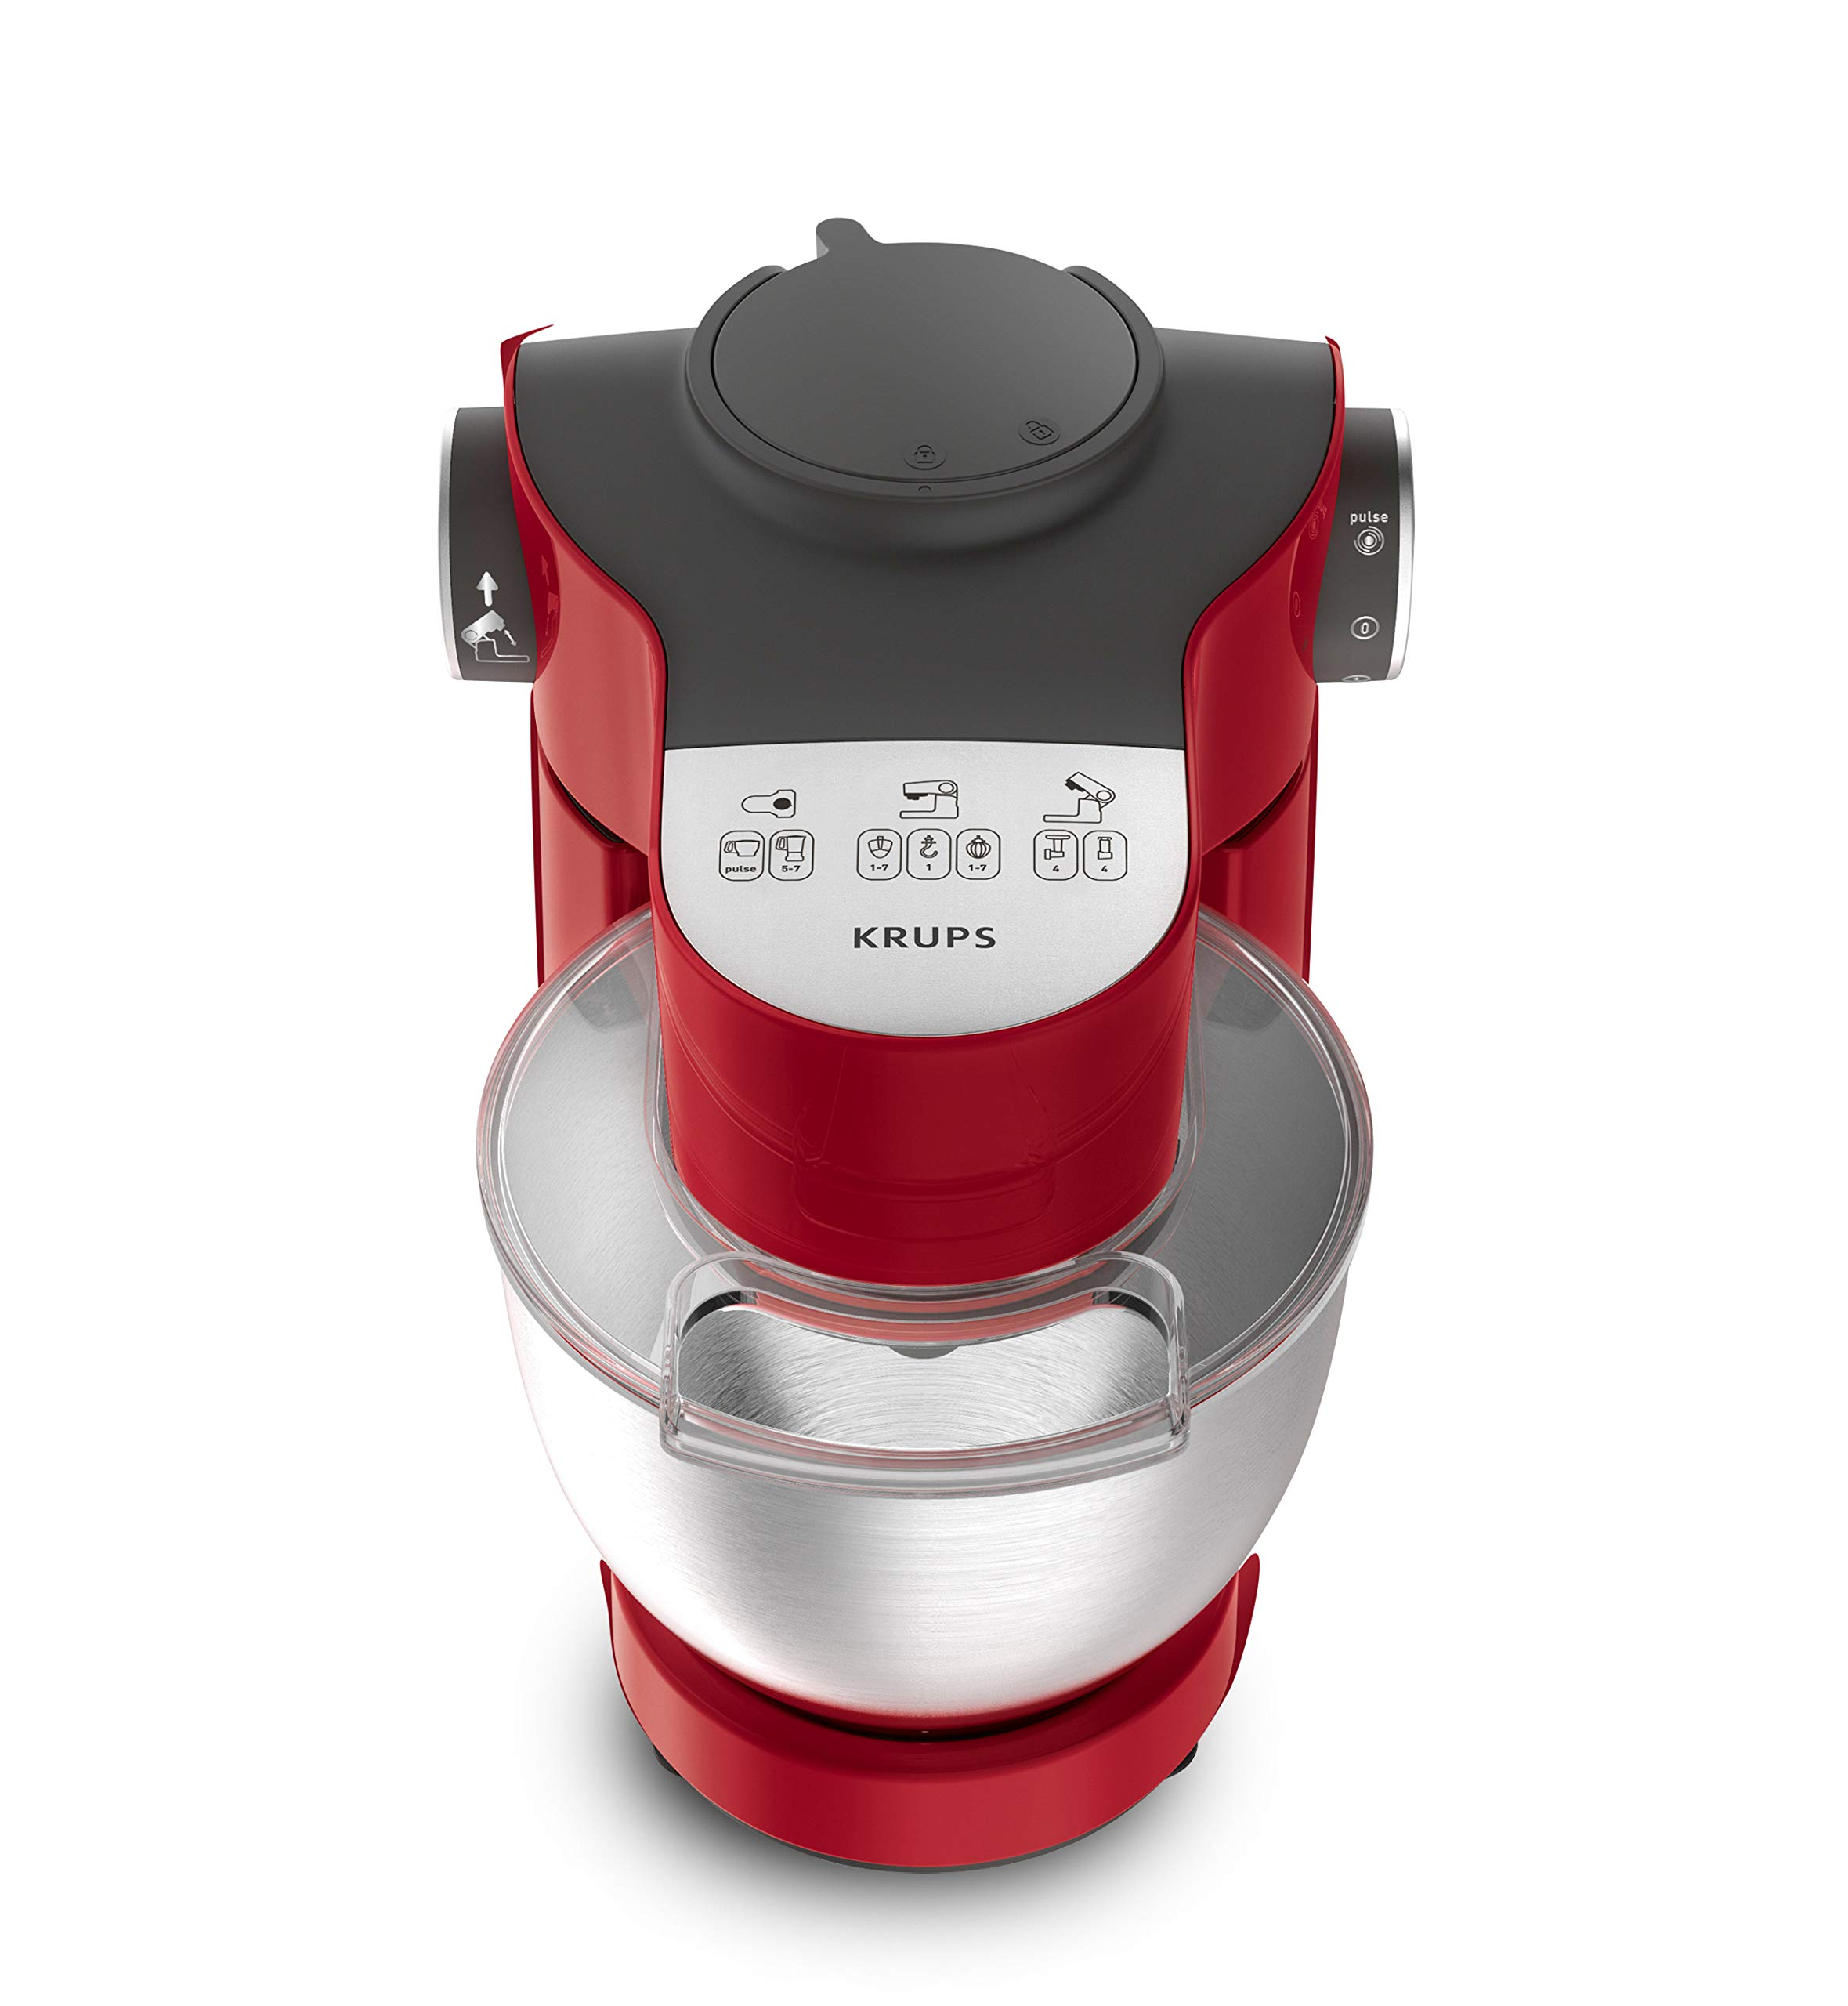 Krups-KA313511-Master-Perfect-Plus-Kchenmaschine-1000-Watt-Gesamtvolumen-4l-inkl-Standmixer-Back-Set-Schnitzelwerk-mit-Reibekuchenaufsatz-rot